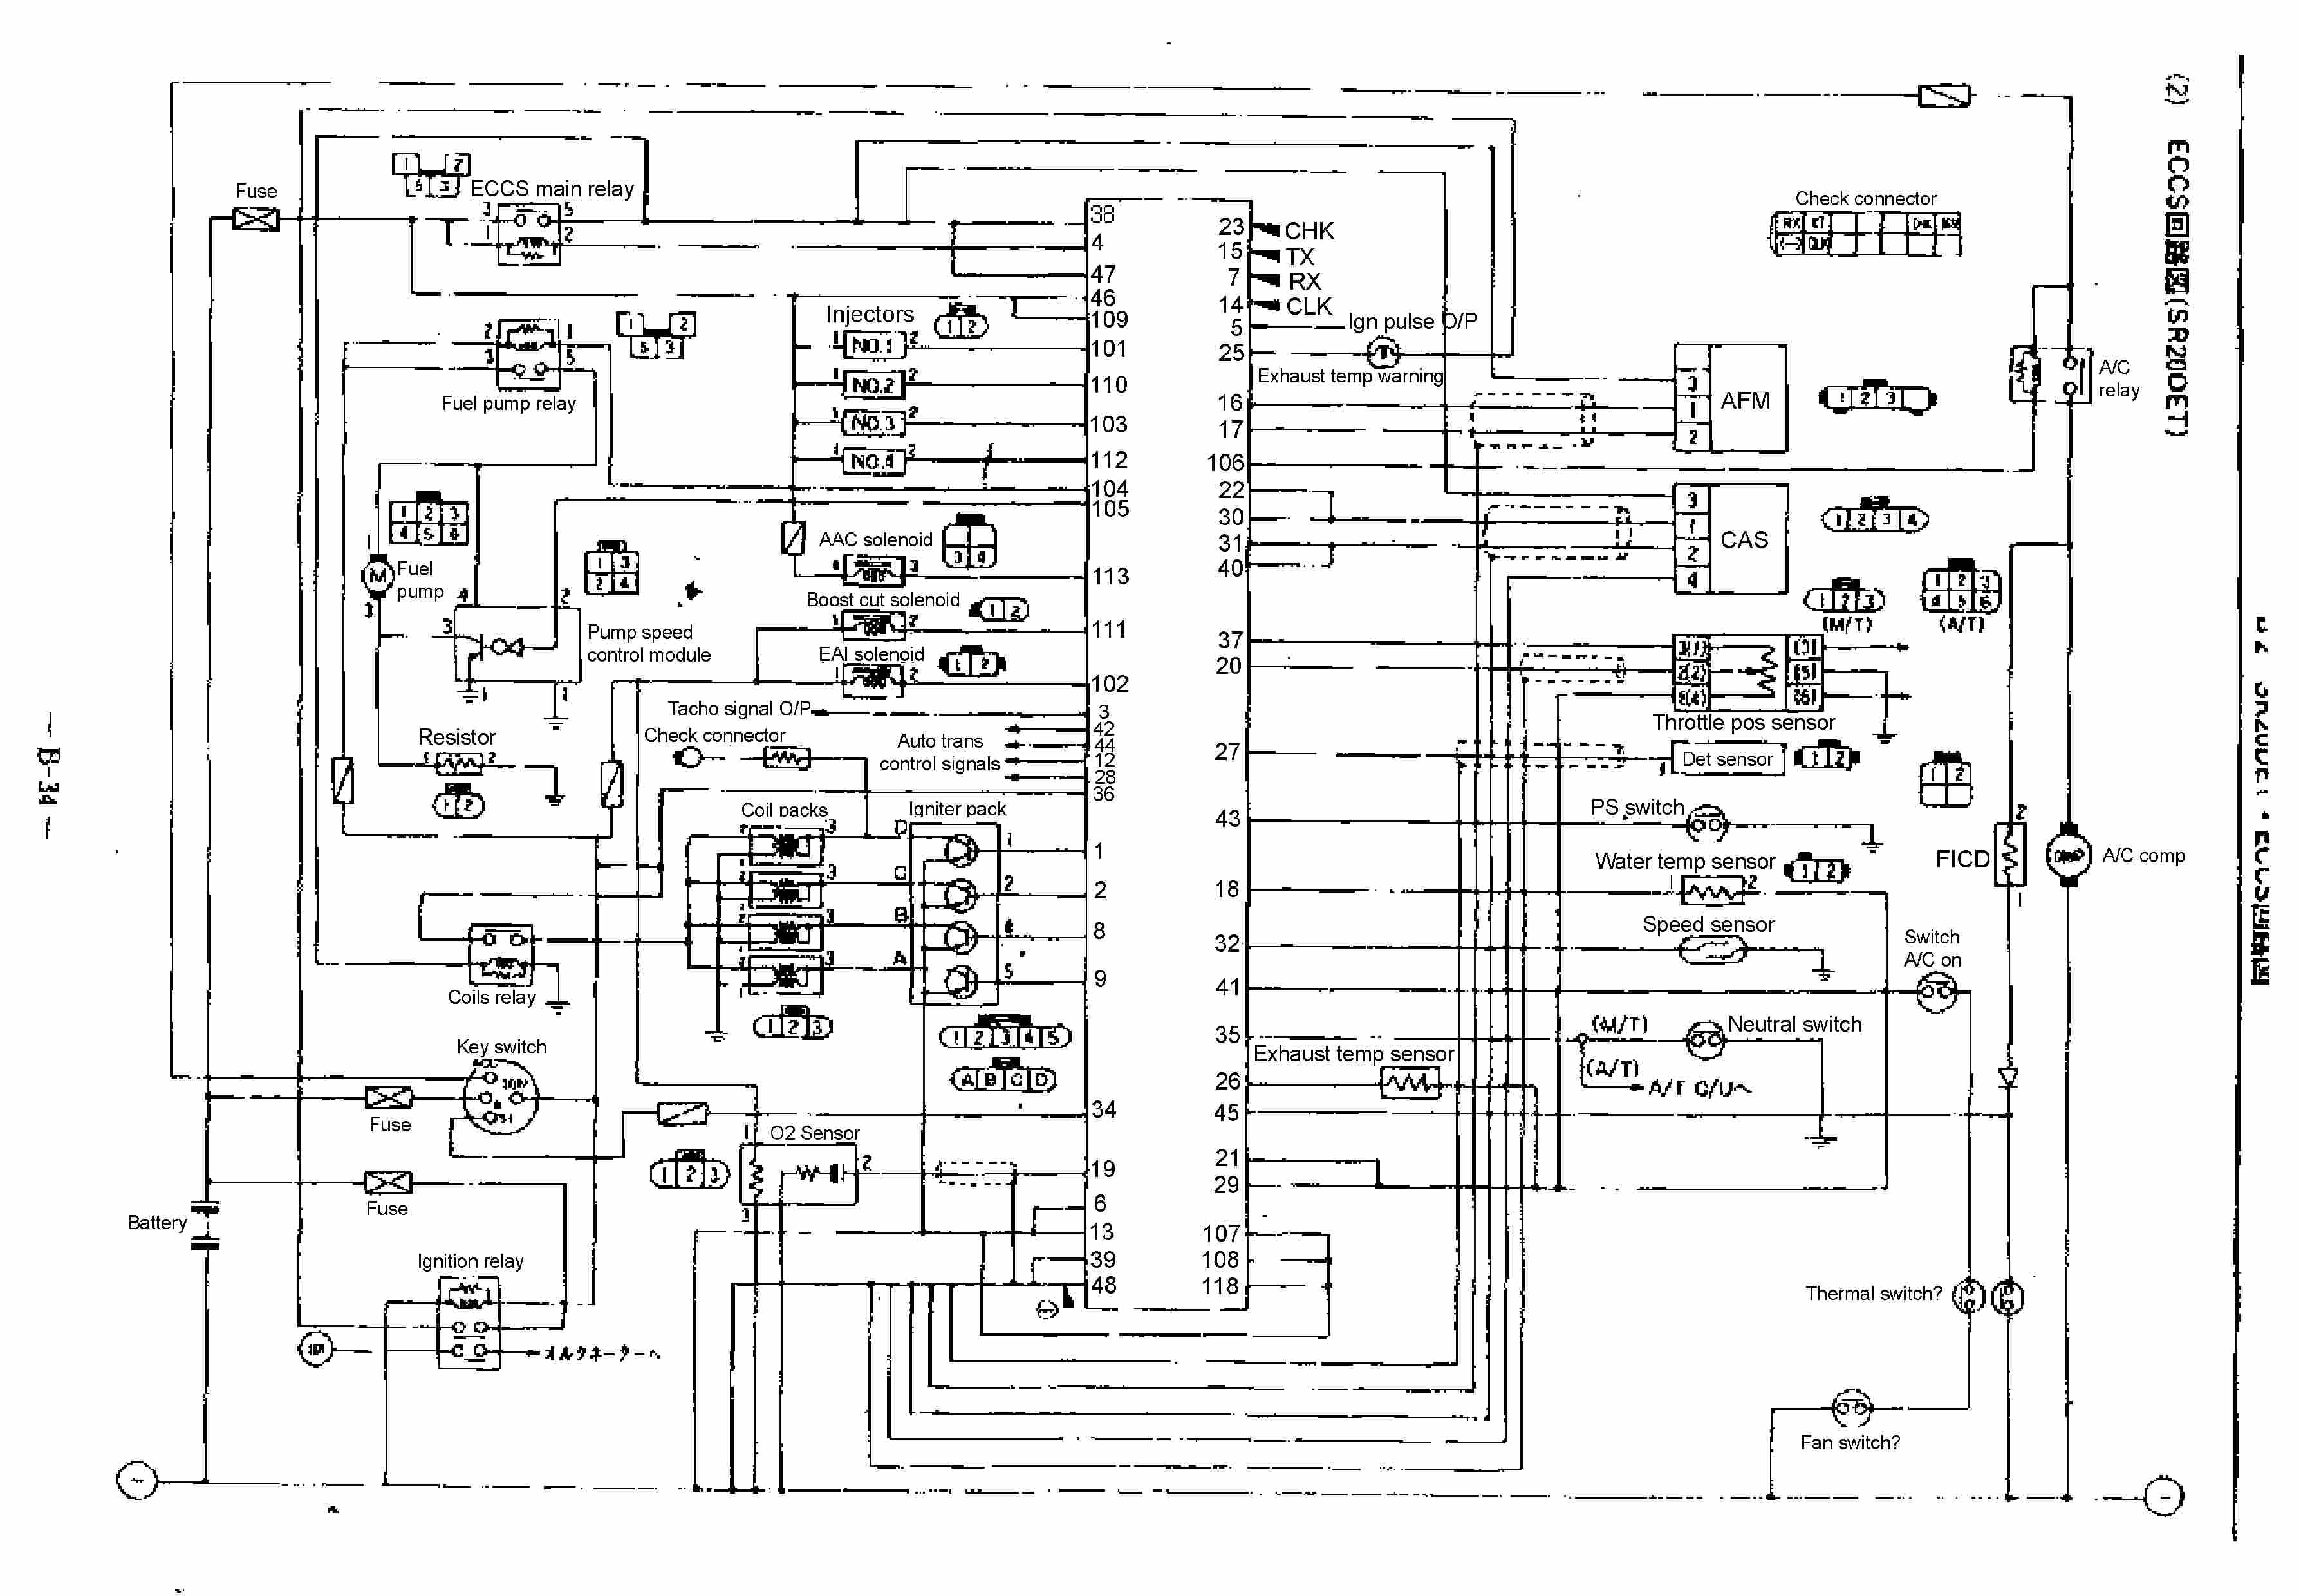 s www automotive manuals net app download 13 Kohler Voltage Regulator Wiring Diagram Kohler Voltage Regulator Wiring Diagram #72 kohler voltage regulator wiring diagram